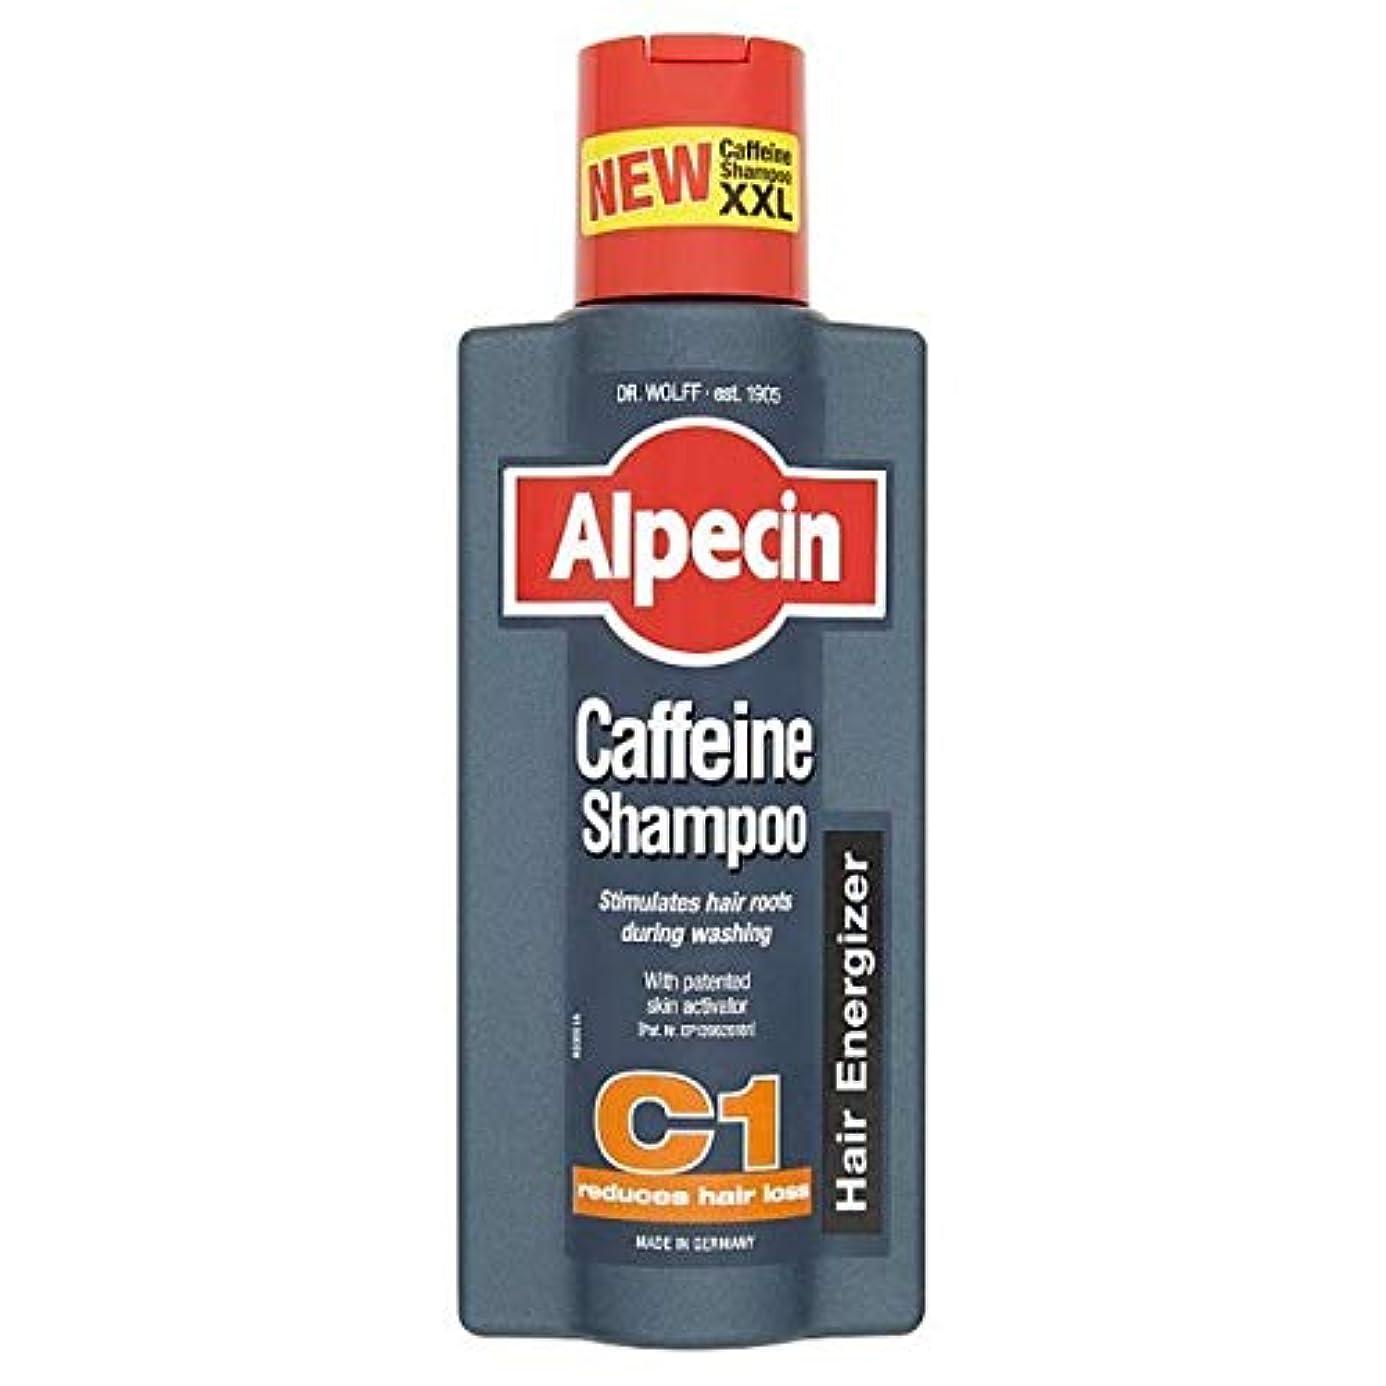 意見エッセンス広く[Alpecin] C1カフェインシャンプー375ミリリットルAlpecin - Alpecin C1 Caffeine Shampoo 375ml [並行輸入品]